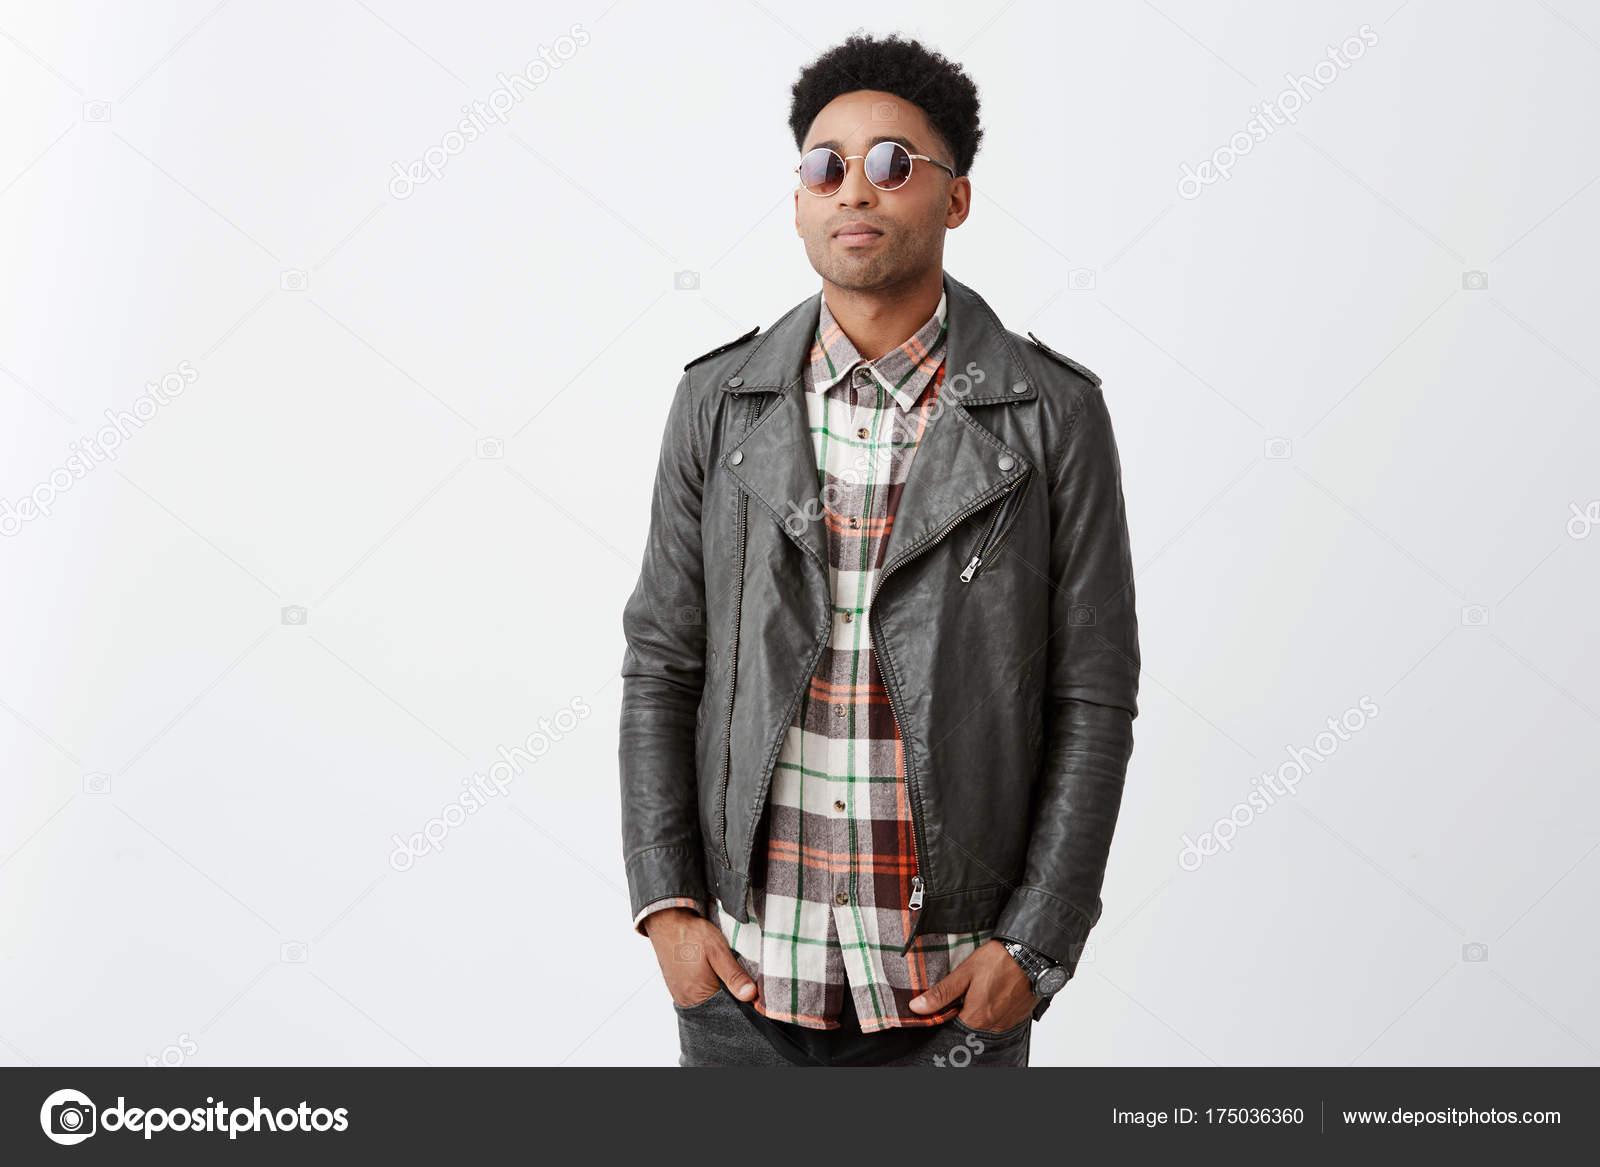 Morenos En A Camisa Apuesto Peinado Afro Con De Decir Retrato Hombre kX8P0wnO